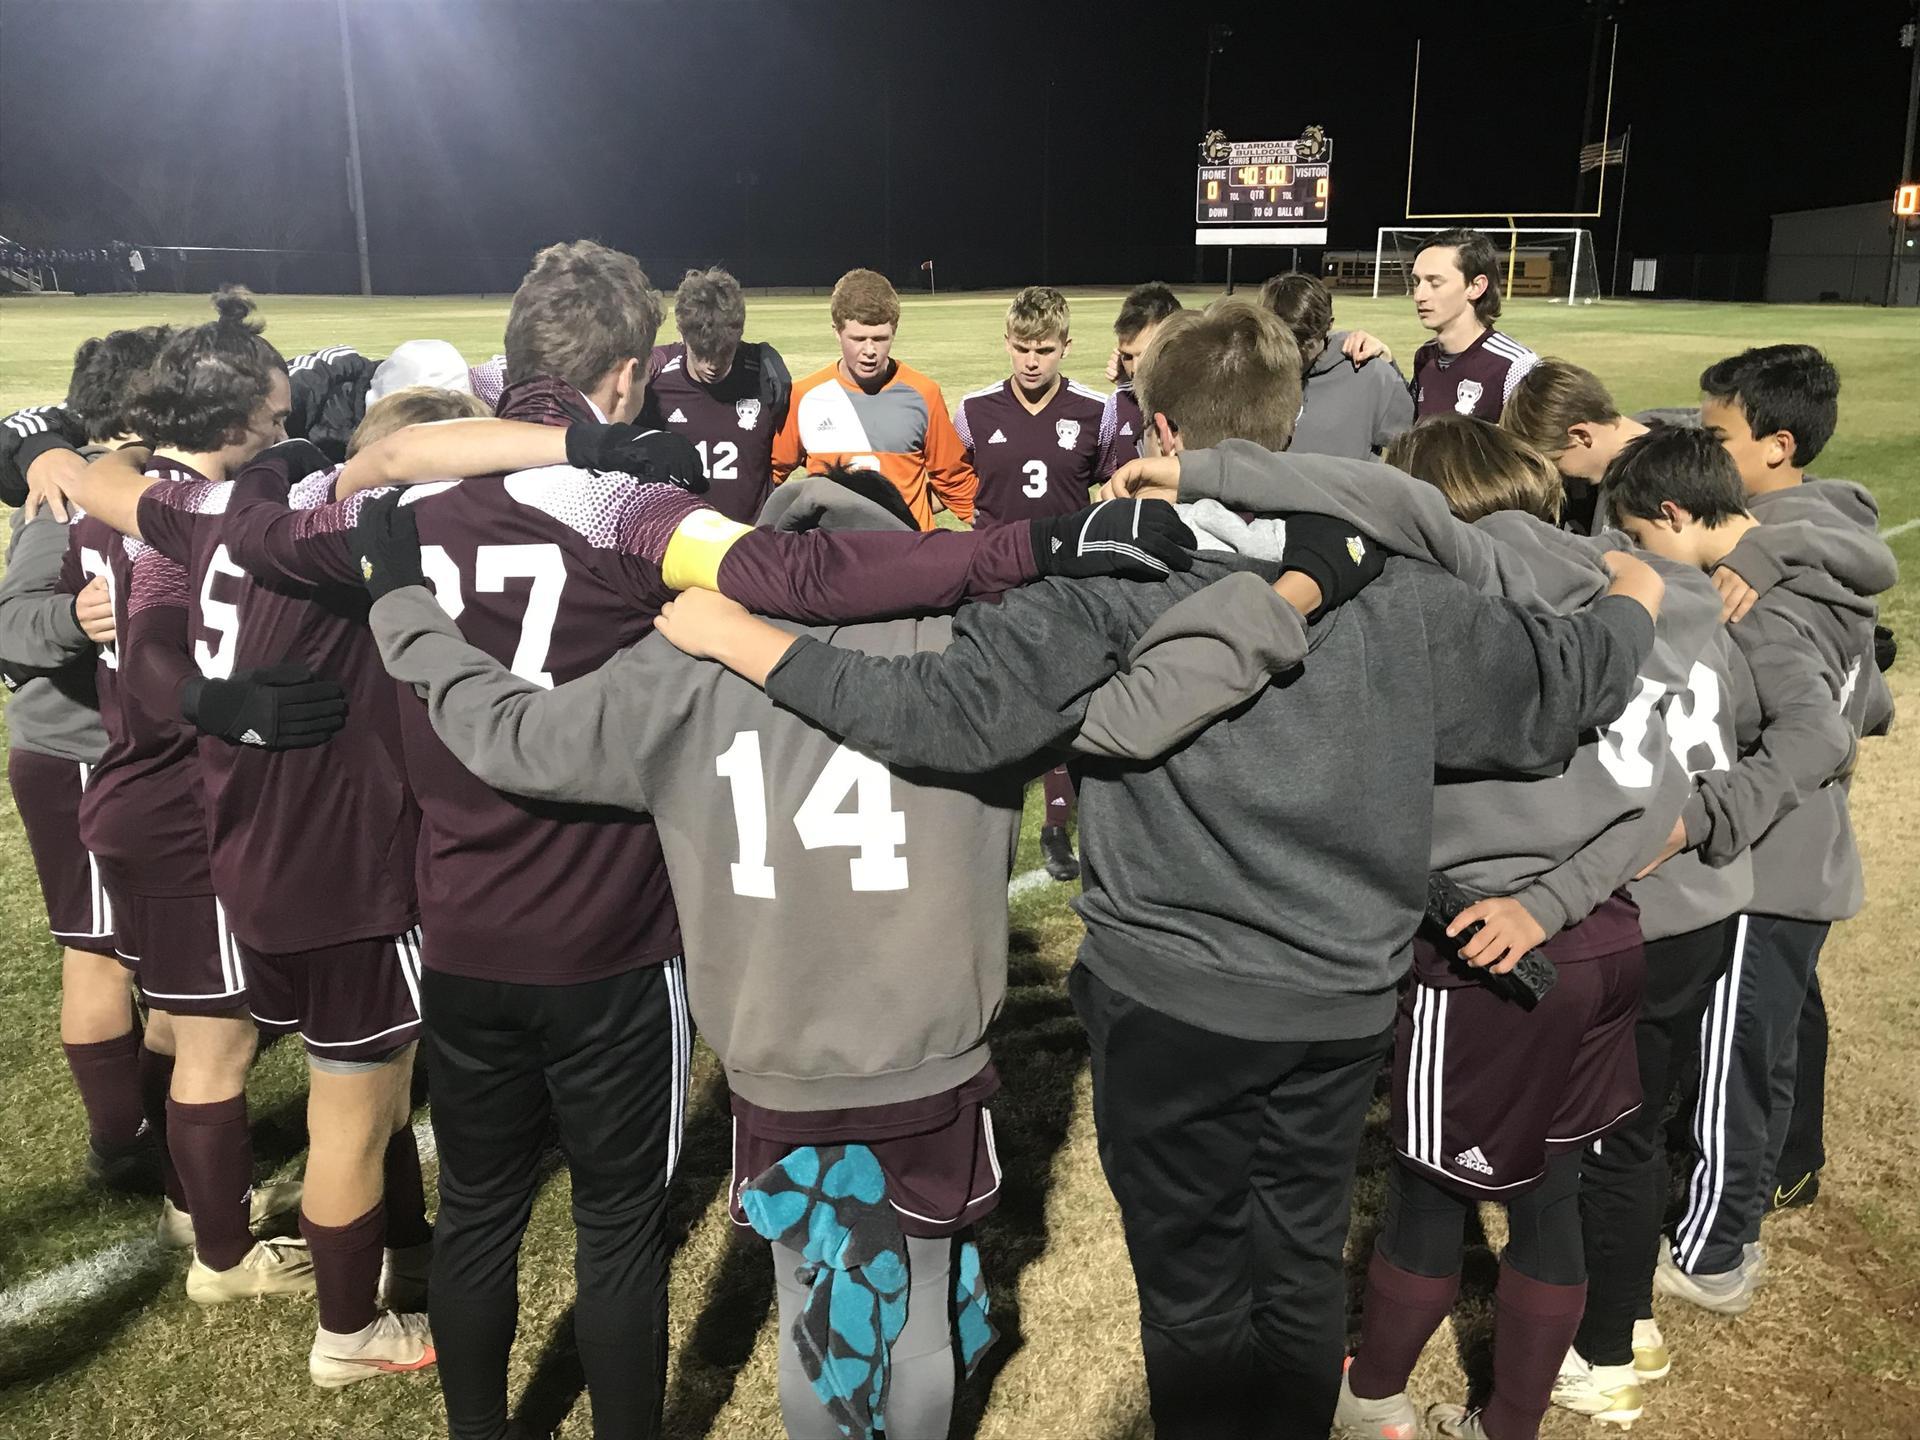 CHS Boys' Soccer Team Pre-Game Prayer